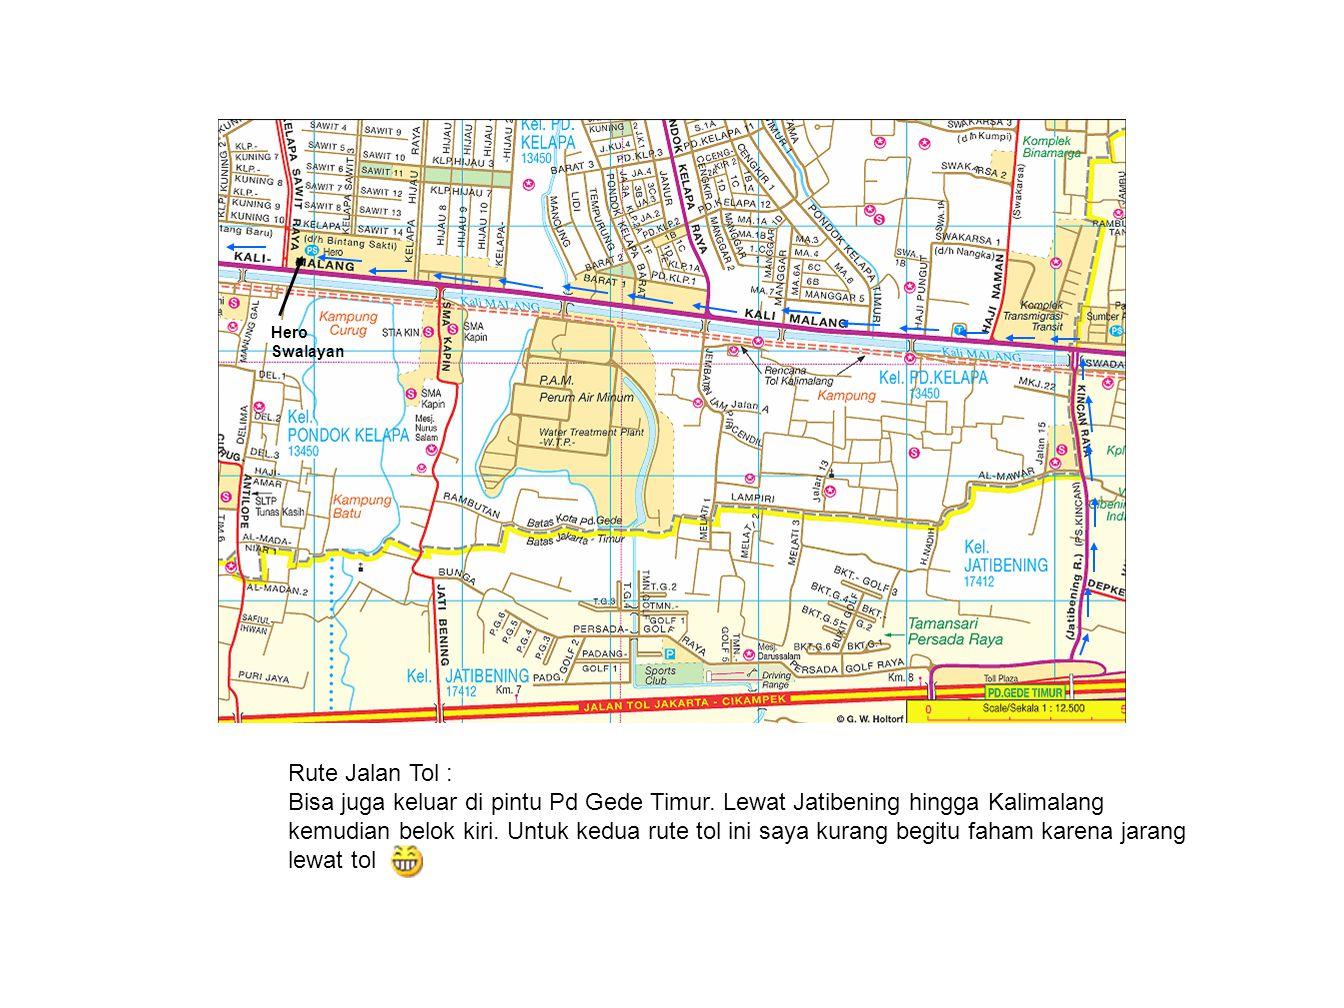 Rute Cawang : Dari DI Panjaitan belok ke arah Kalimalang kemudian jalan terus hingga sampai Pd Kelapa.